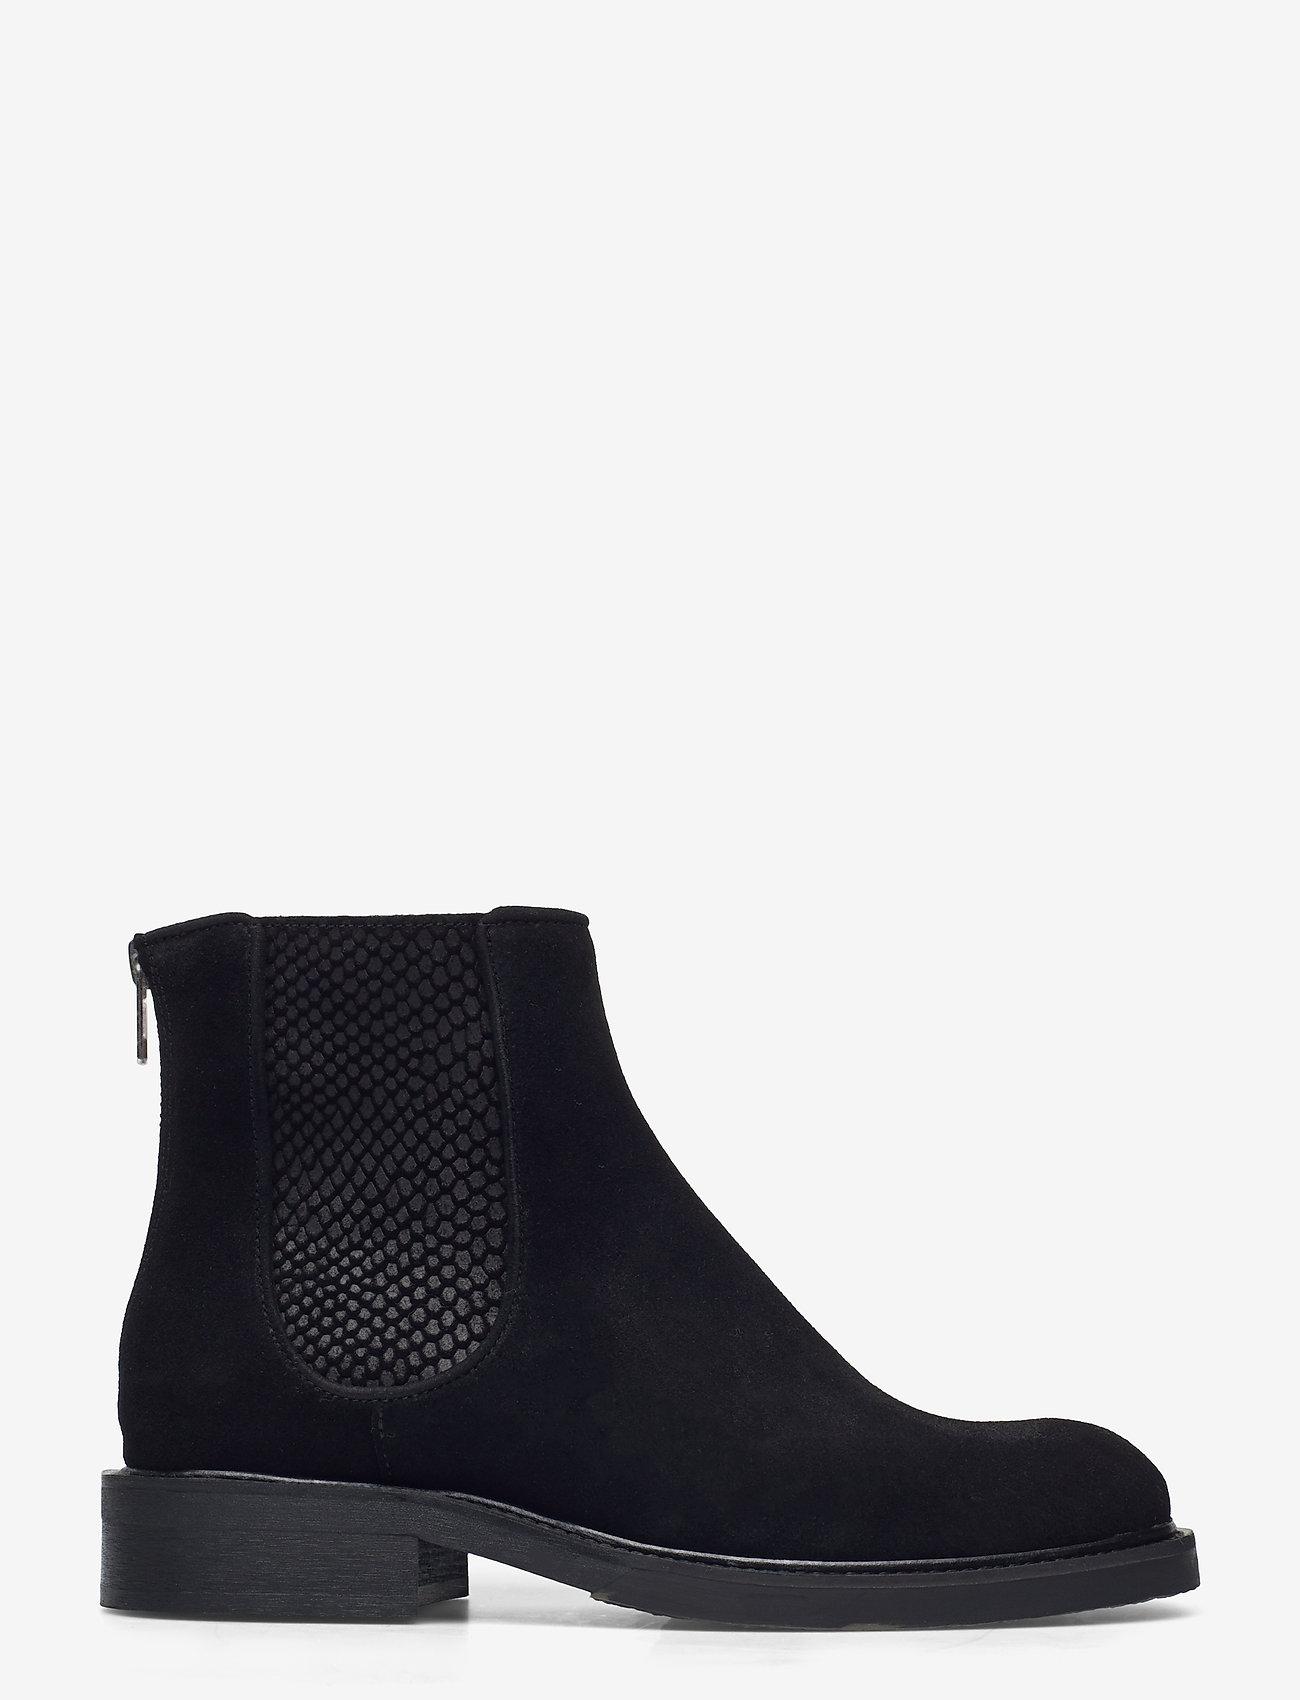 Billi Bi - Boots 93451 - platte enkellaarsjes - black suede/red zip 509 - 1